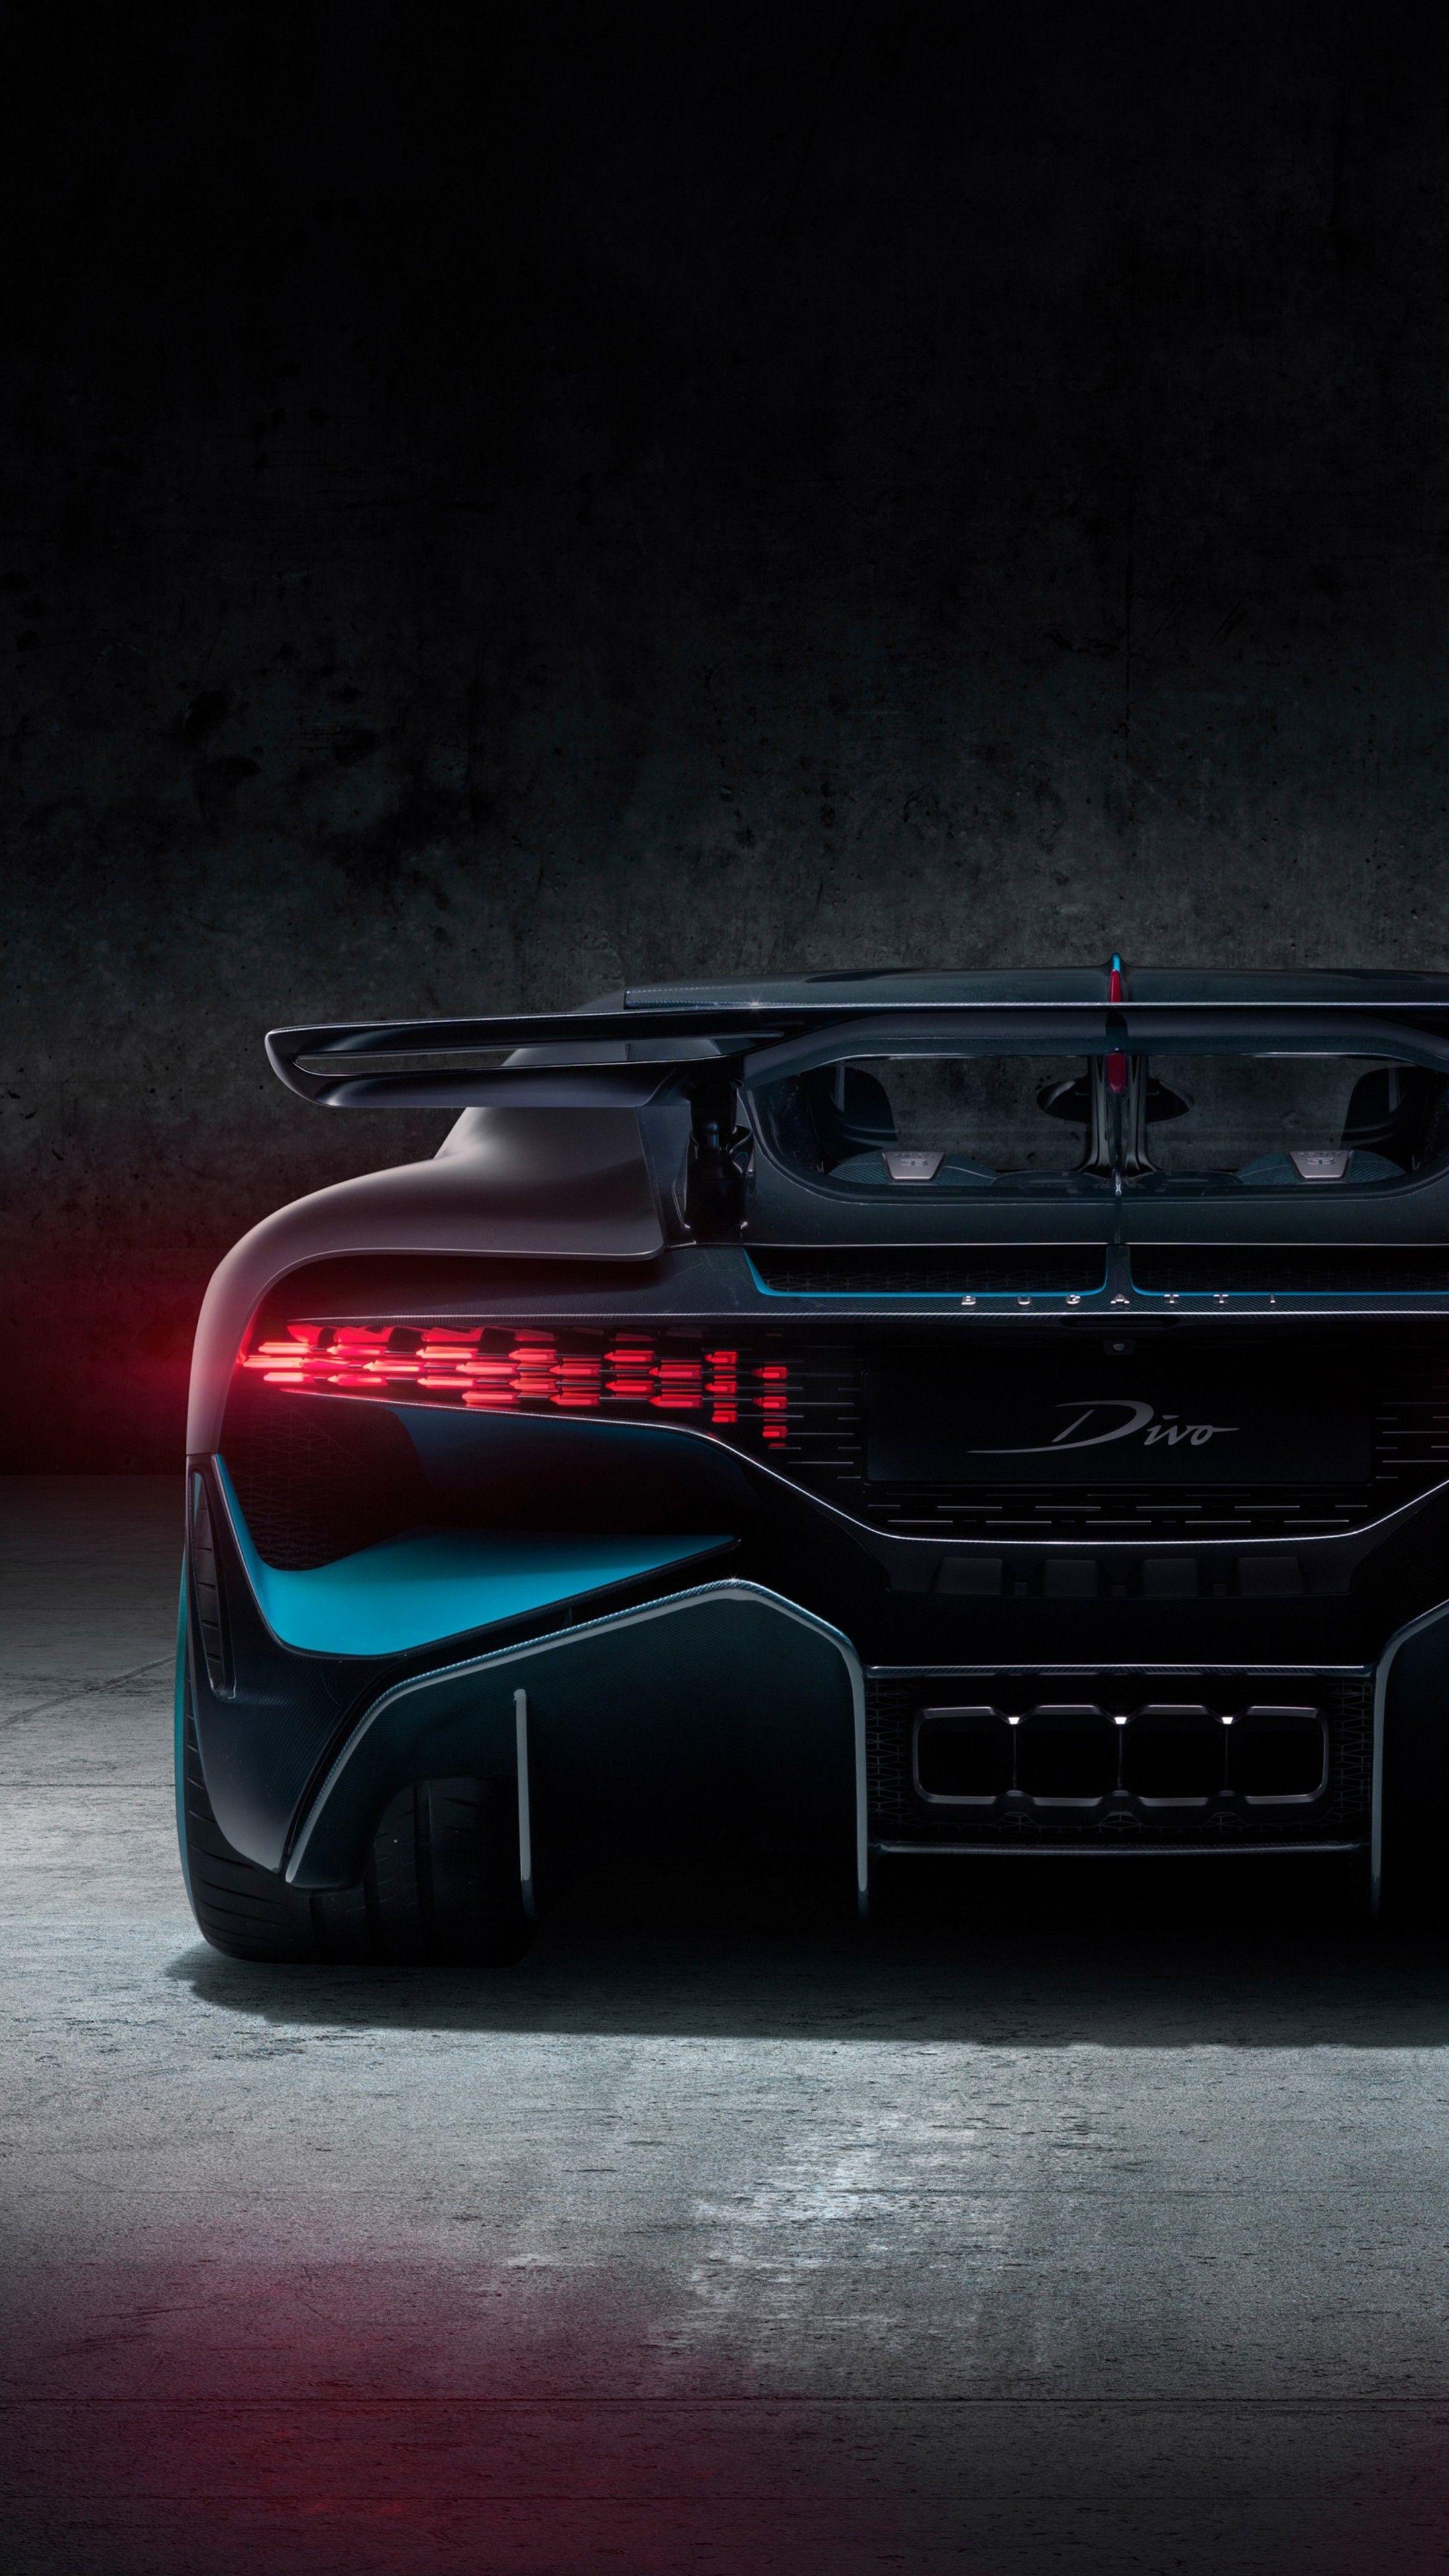 Bugatti Divo 2018 Bugatti Cars Fast Sports Cars Ferrari Car